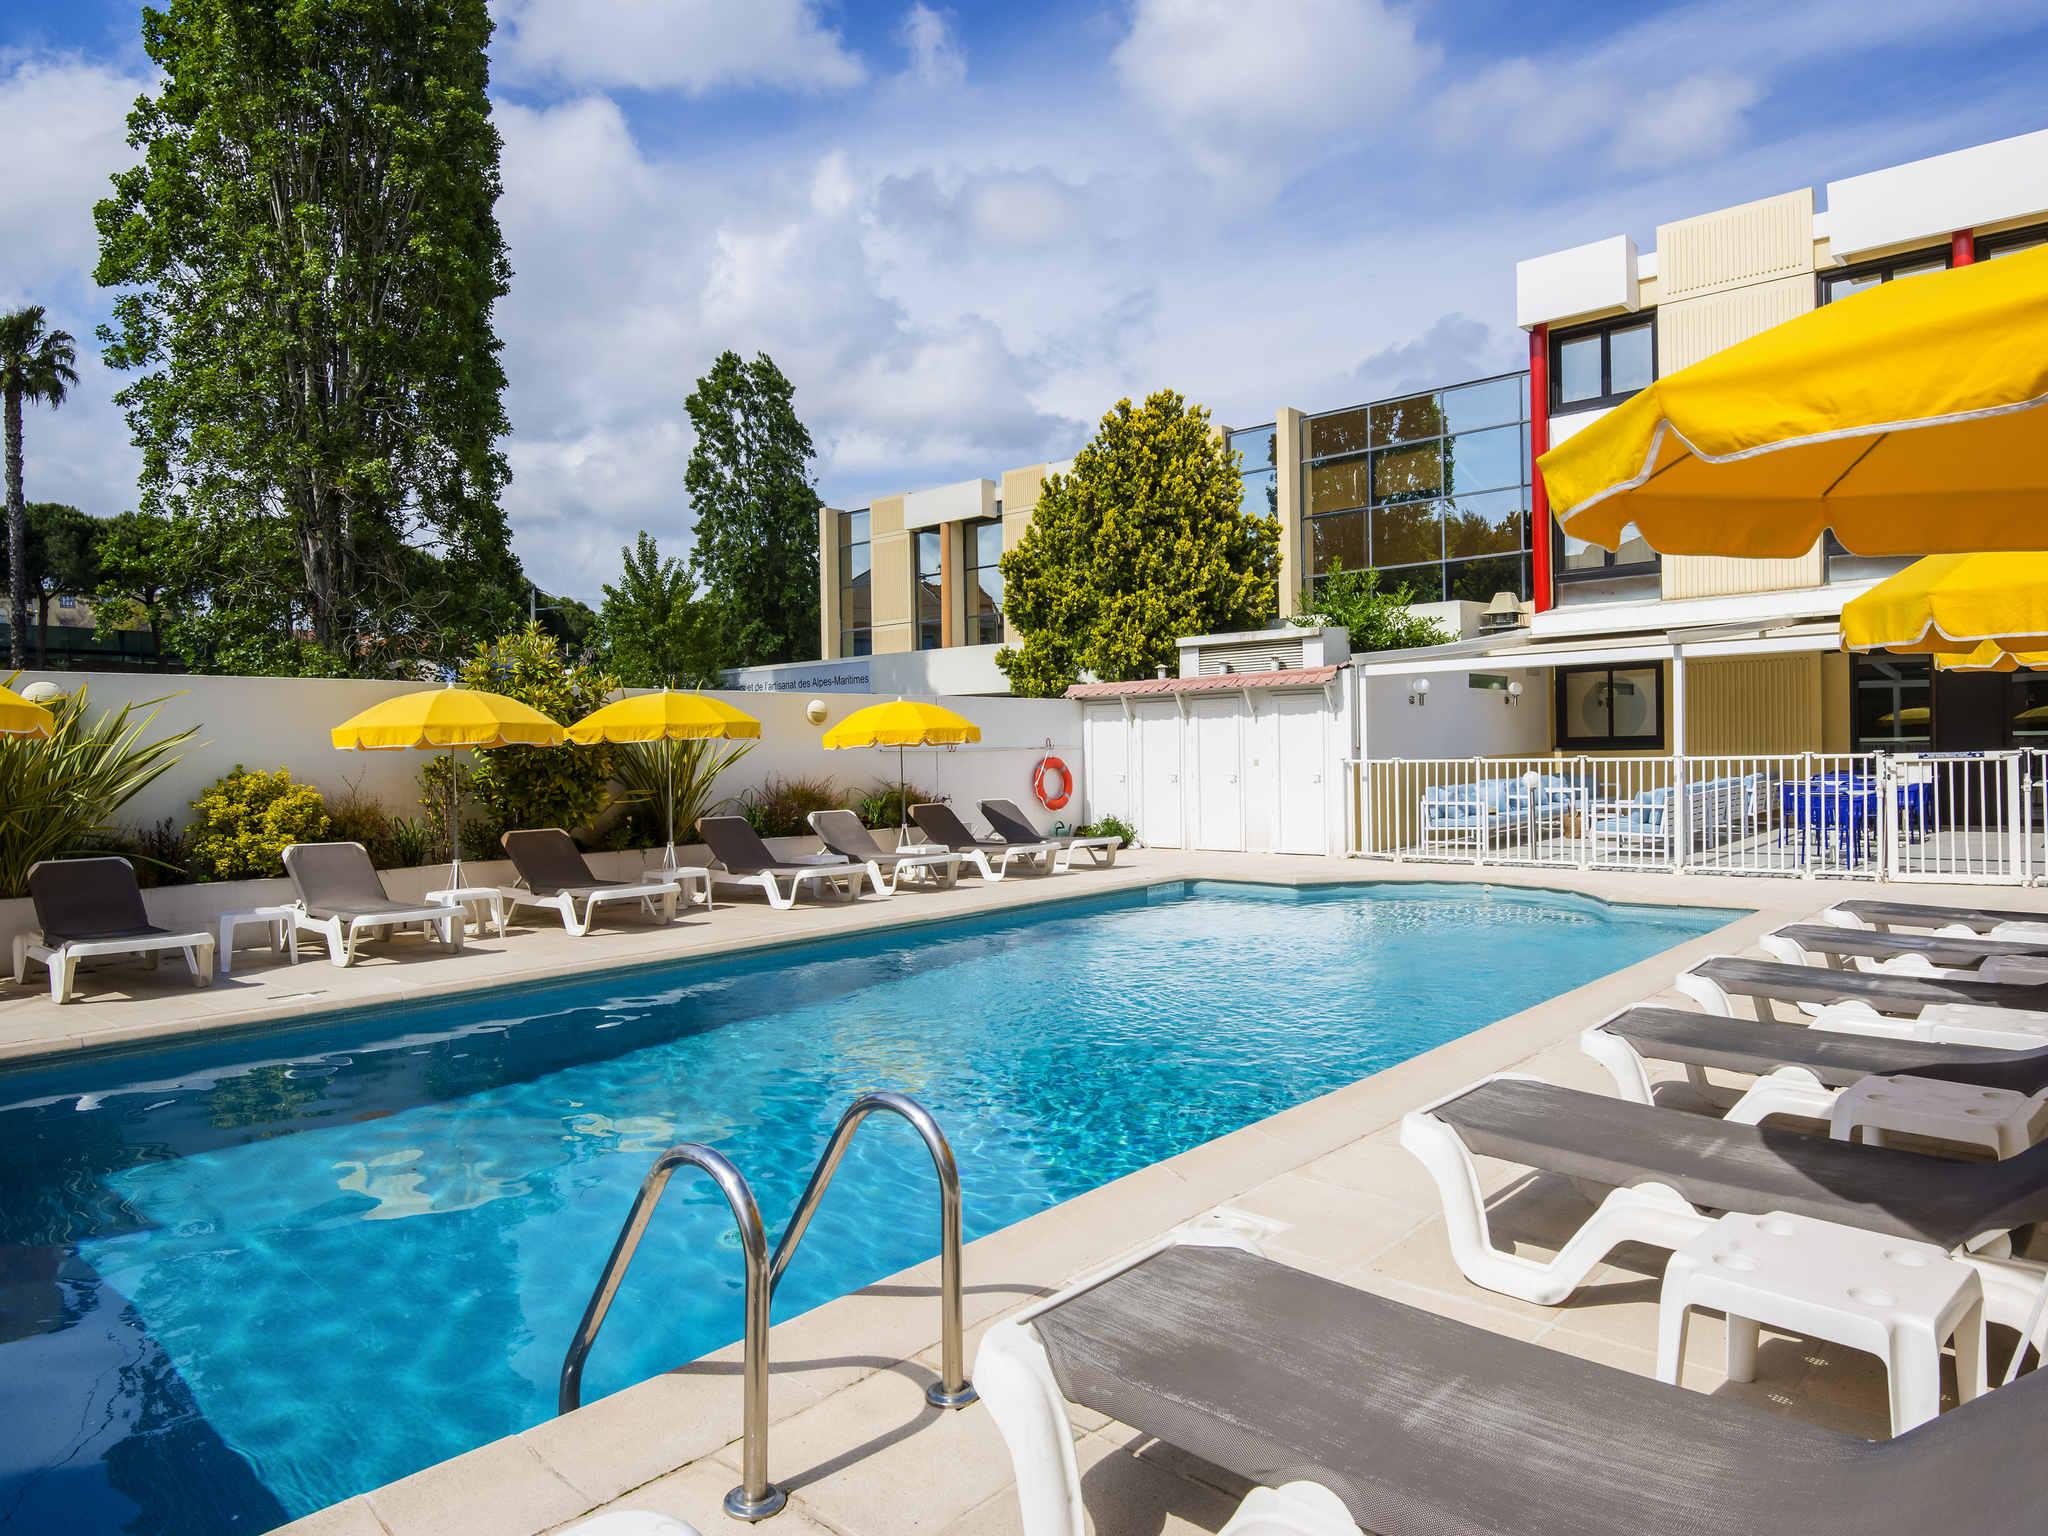 Hotel – HOTEL MERCURE NICE CAP 3000 (w przyszłości ibis Styles)